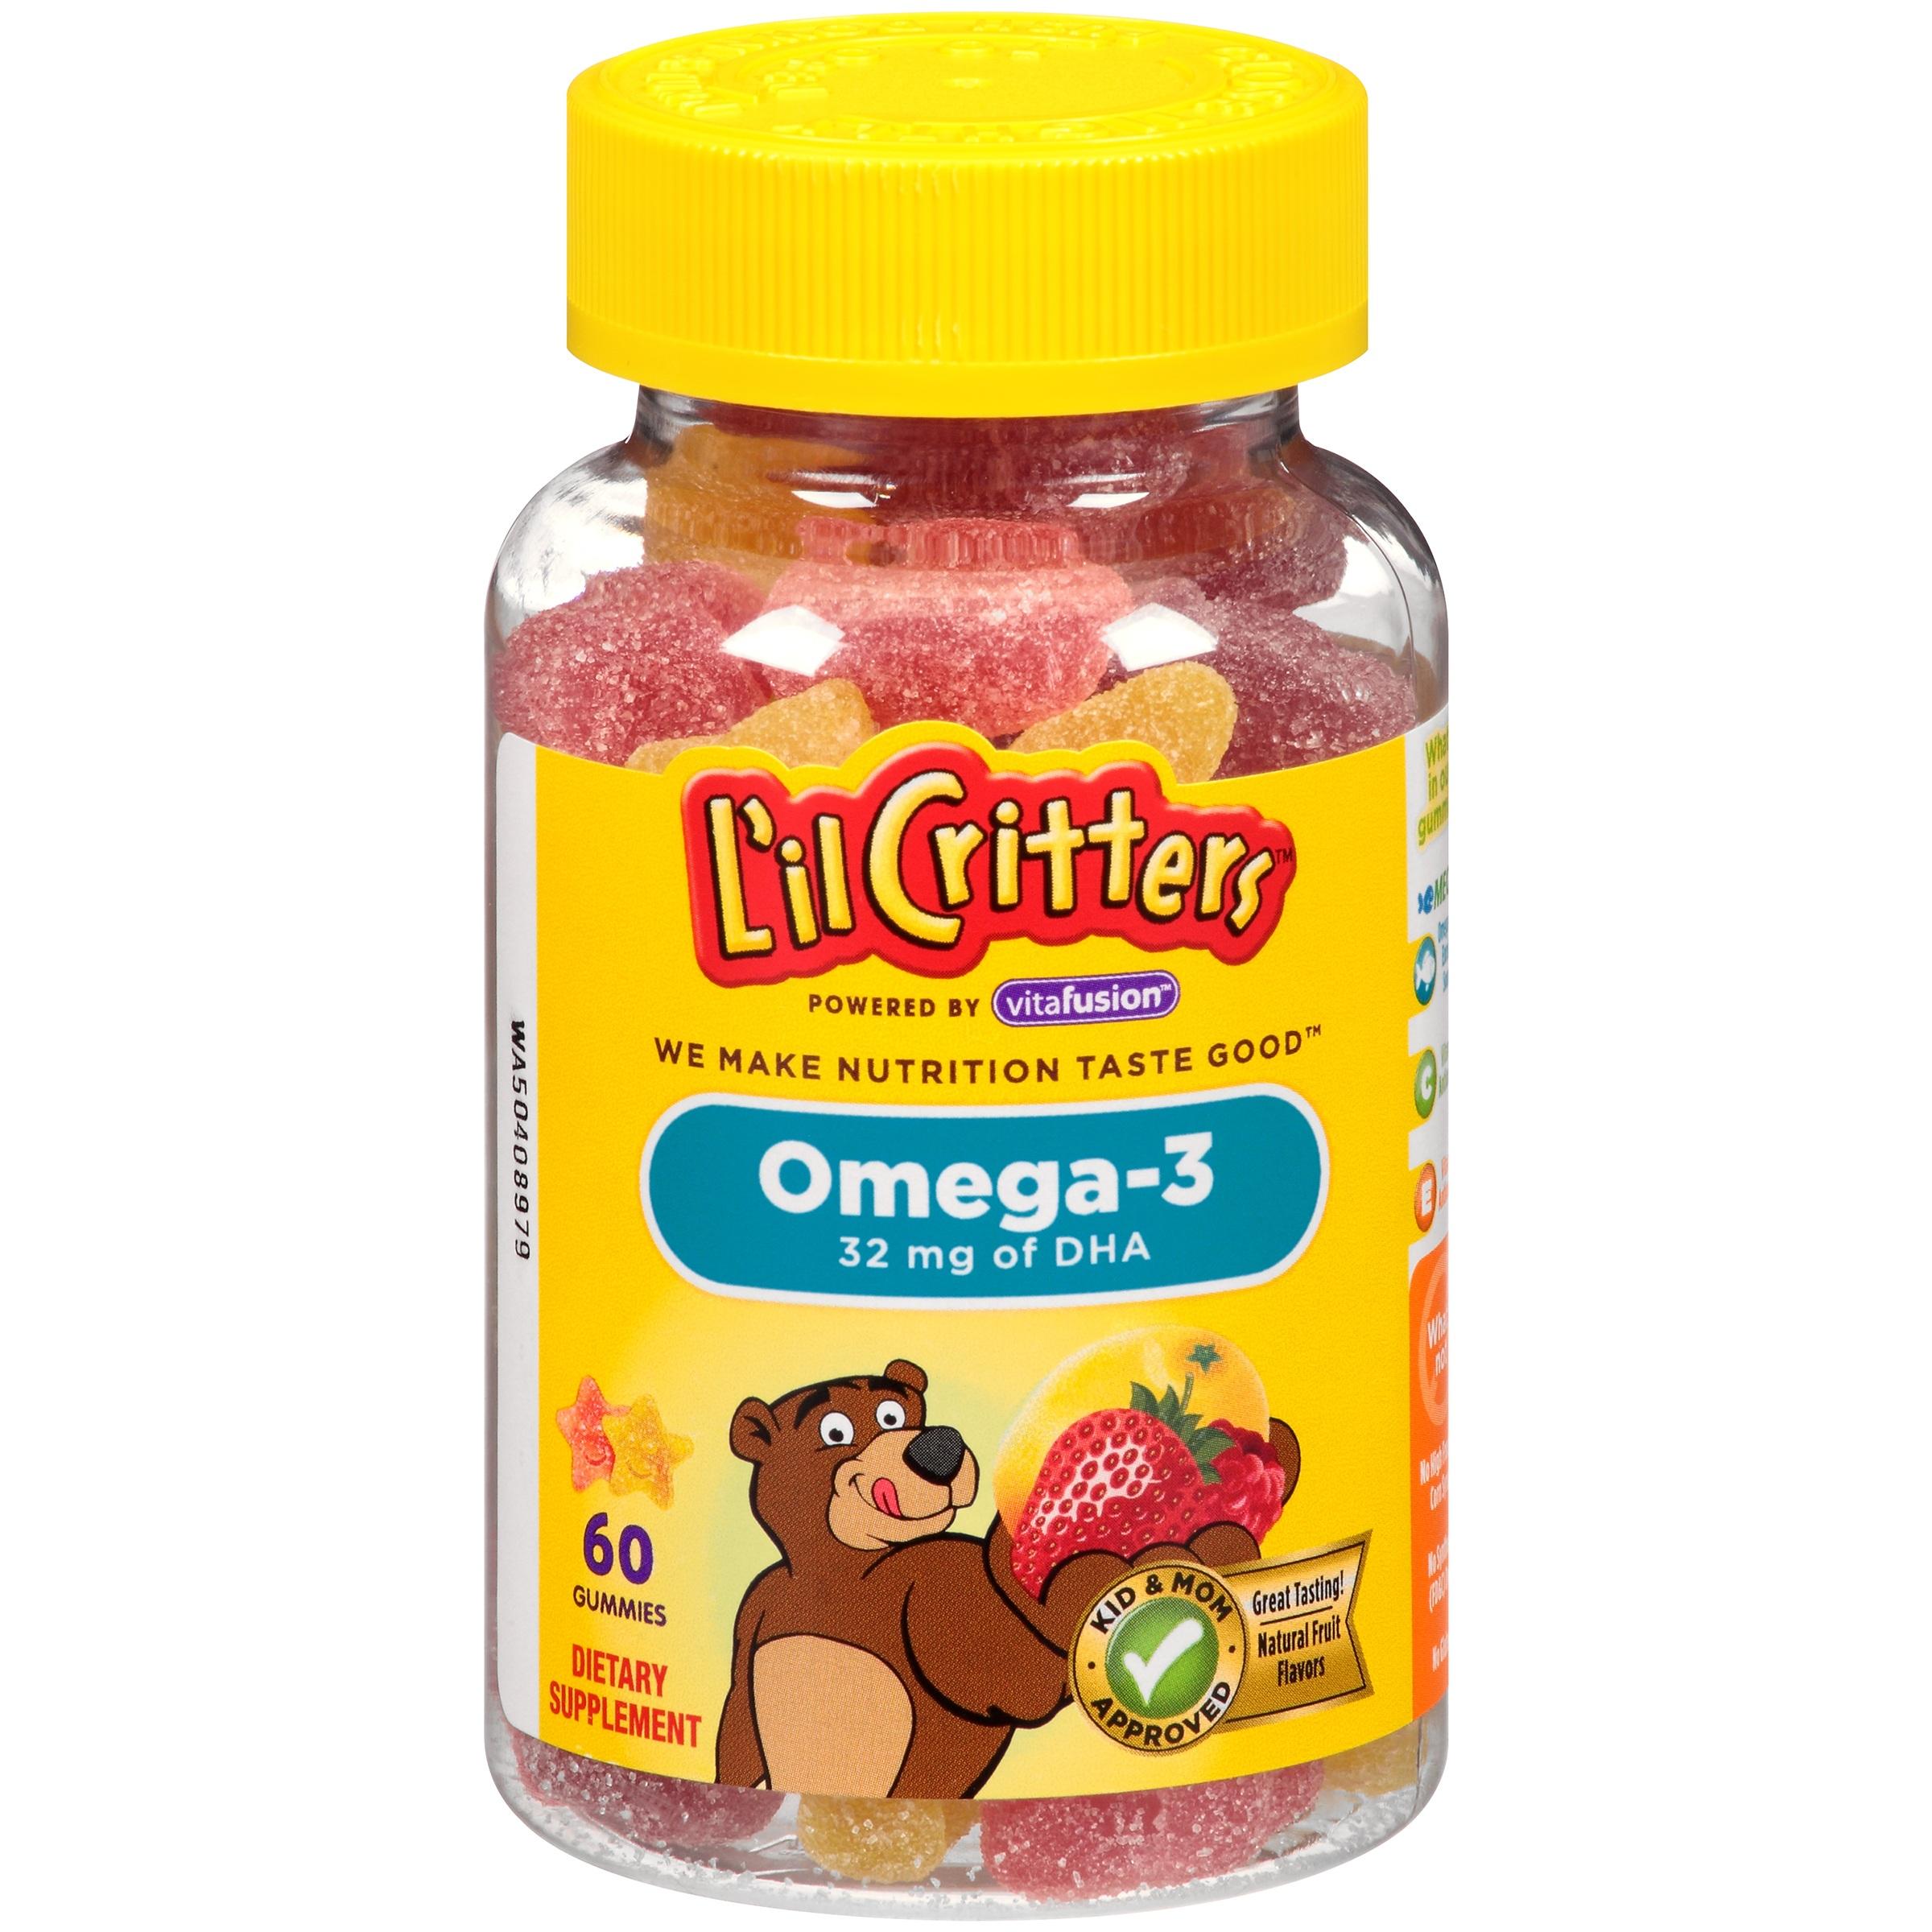 วิตามินเสริมโอเมก้าและ DHA แบบกัมมี่เคี้ยวหนึบ L'il Critters Omega-3 Gummy